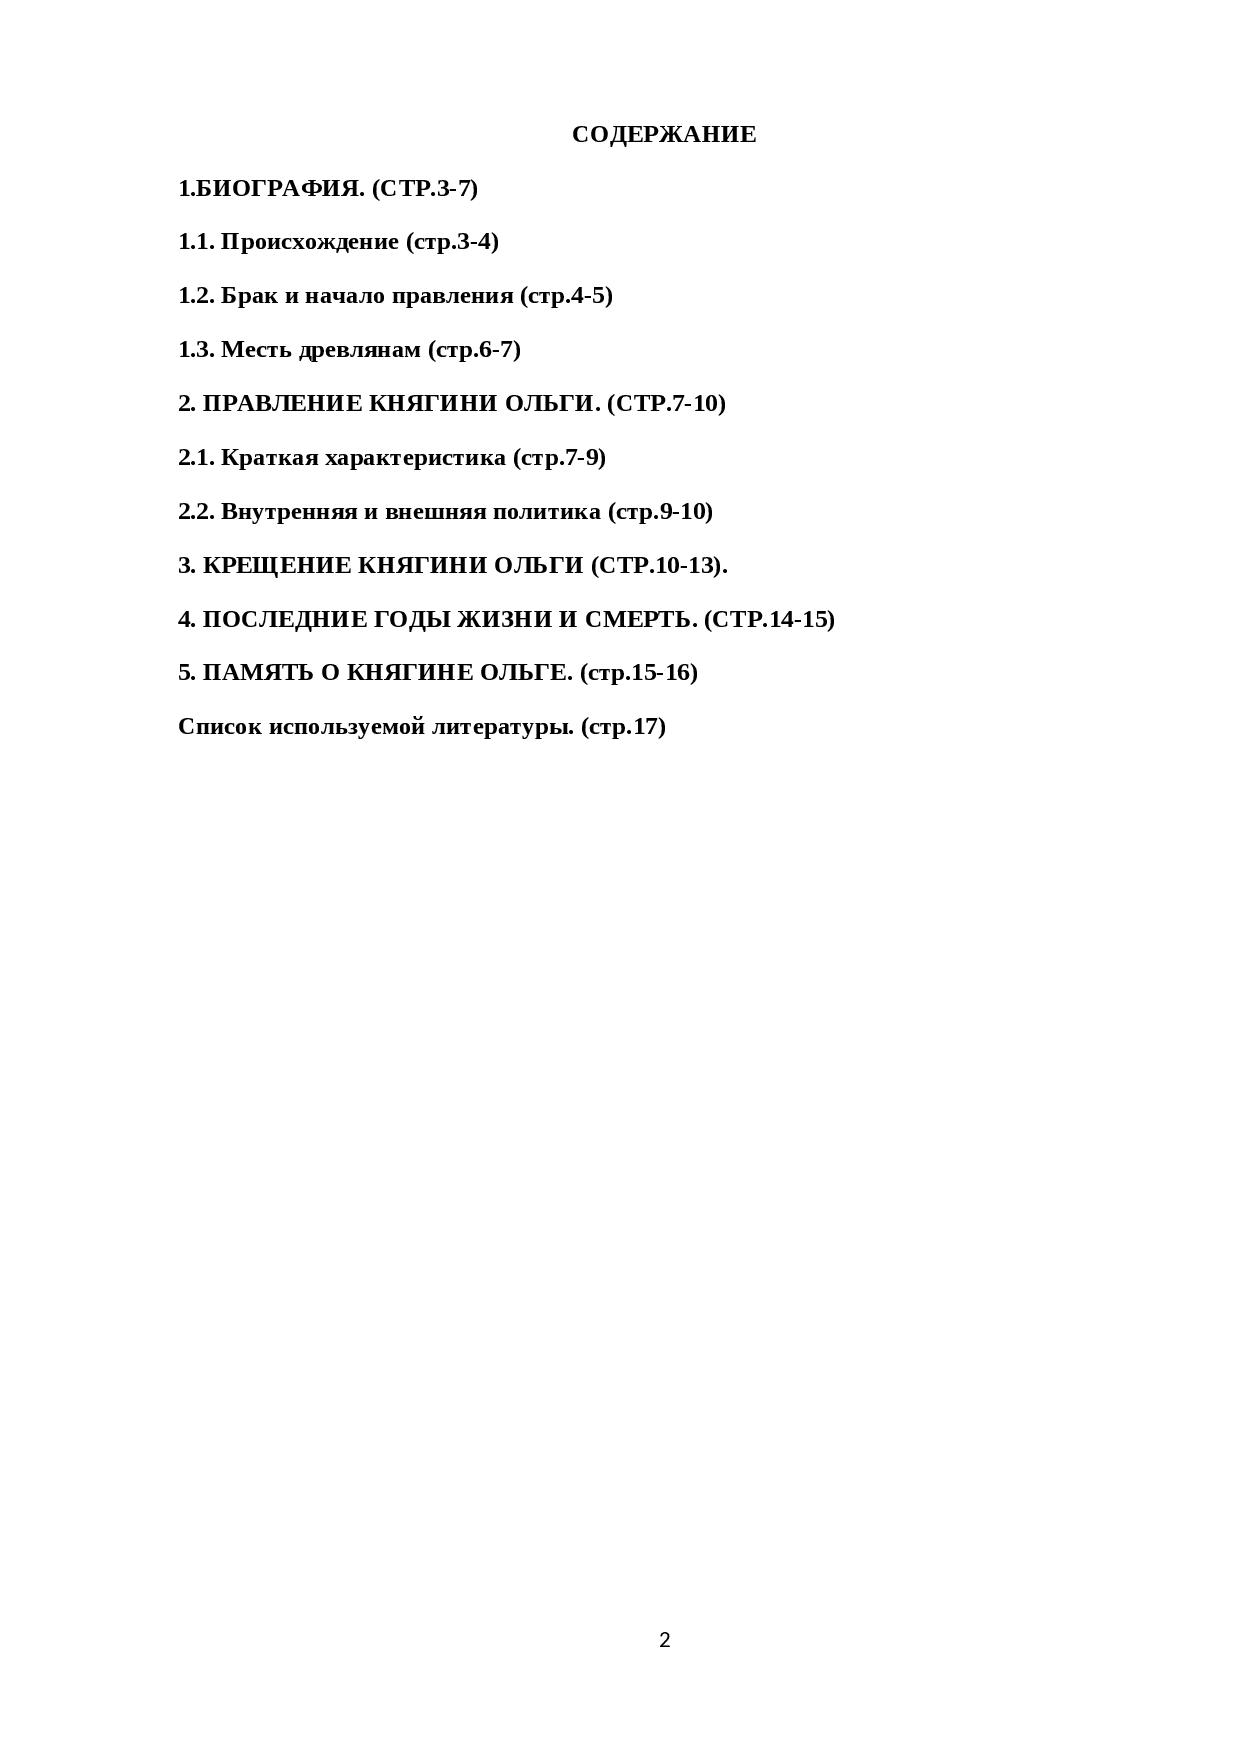 поездка княгини ольги в константинополь